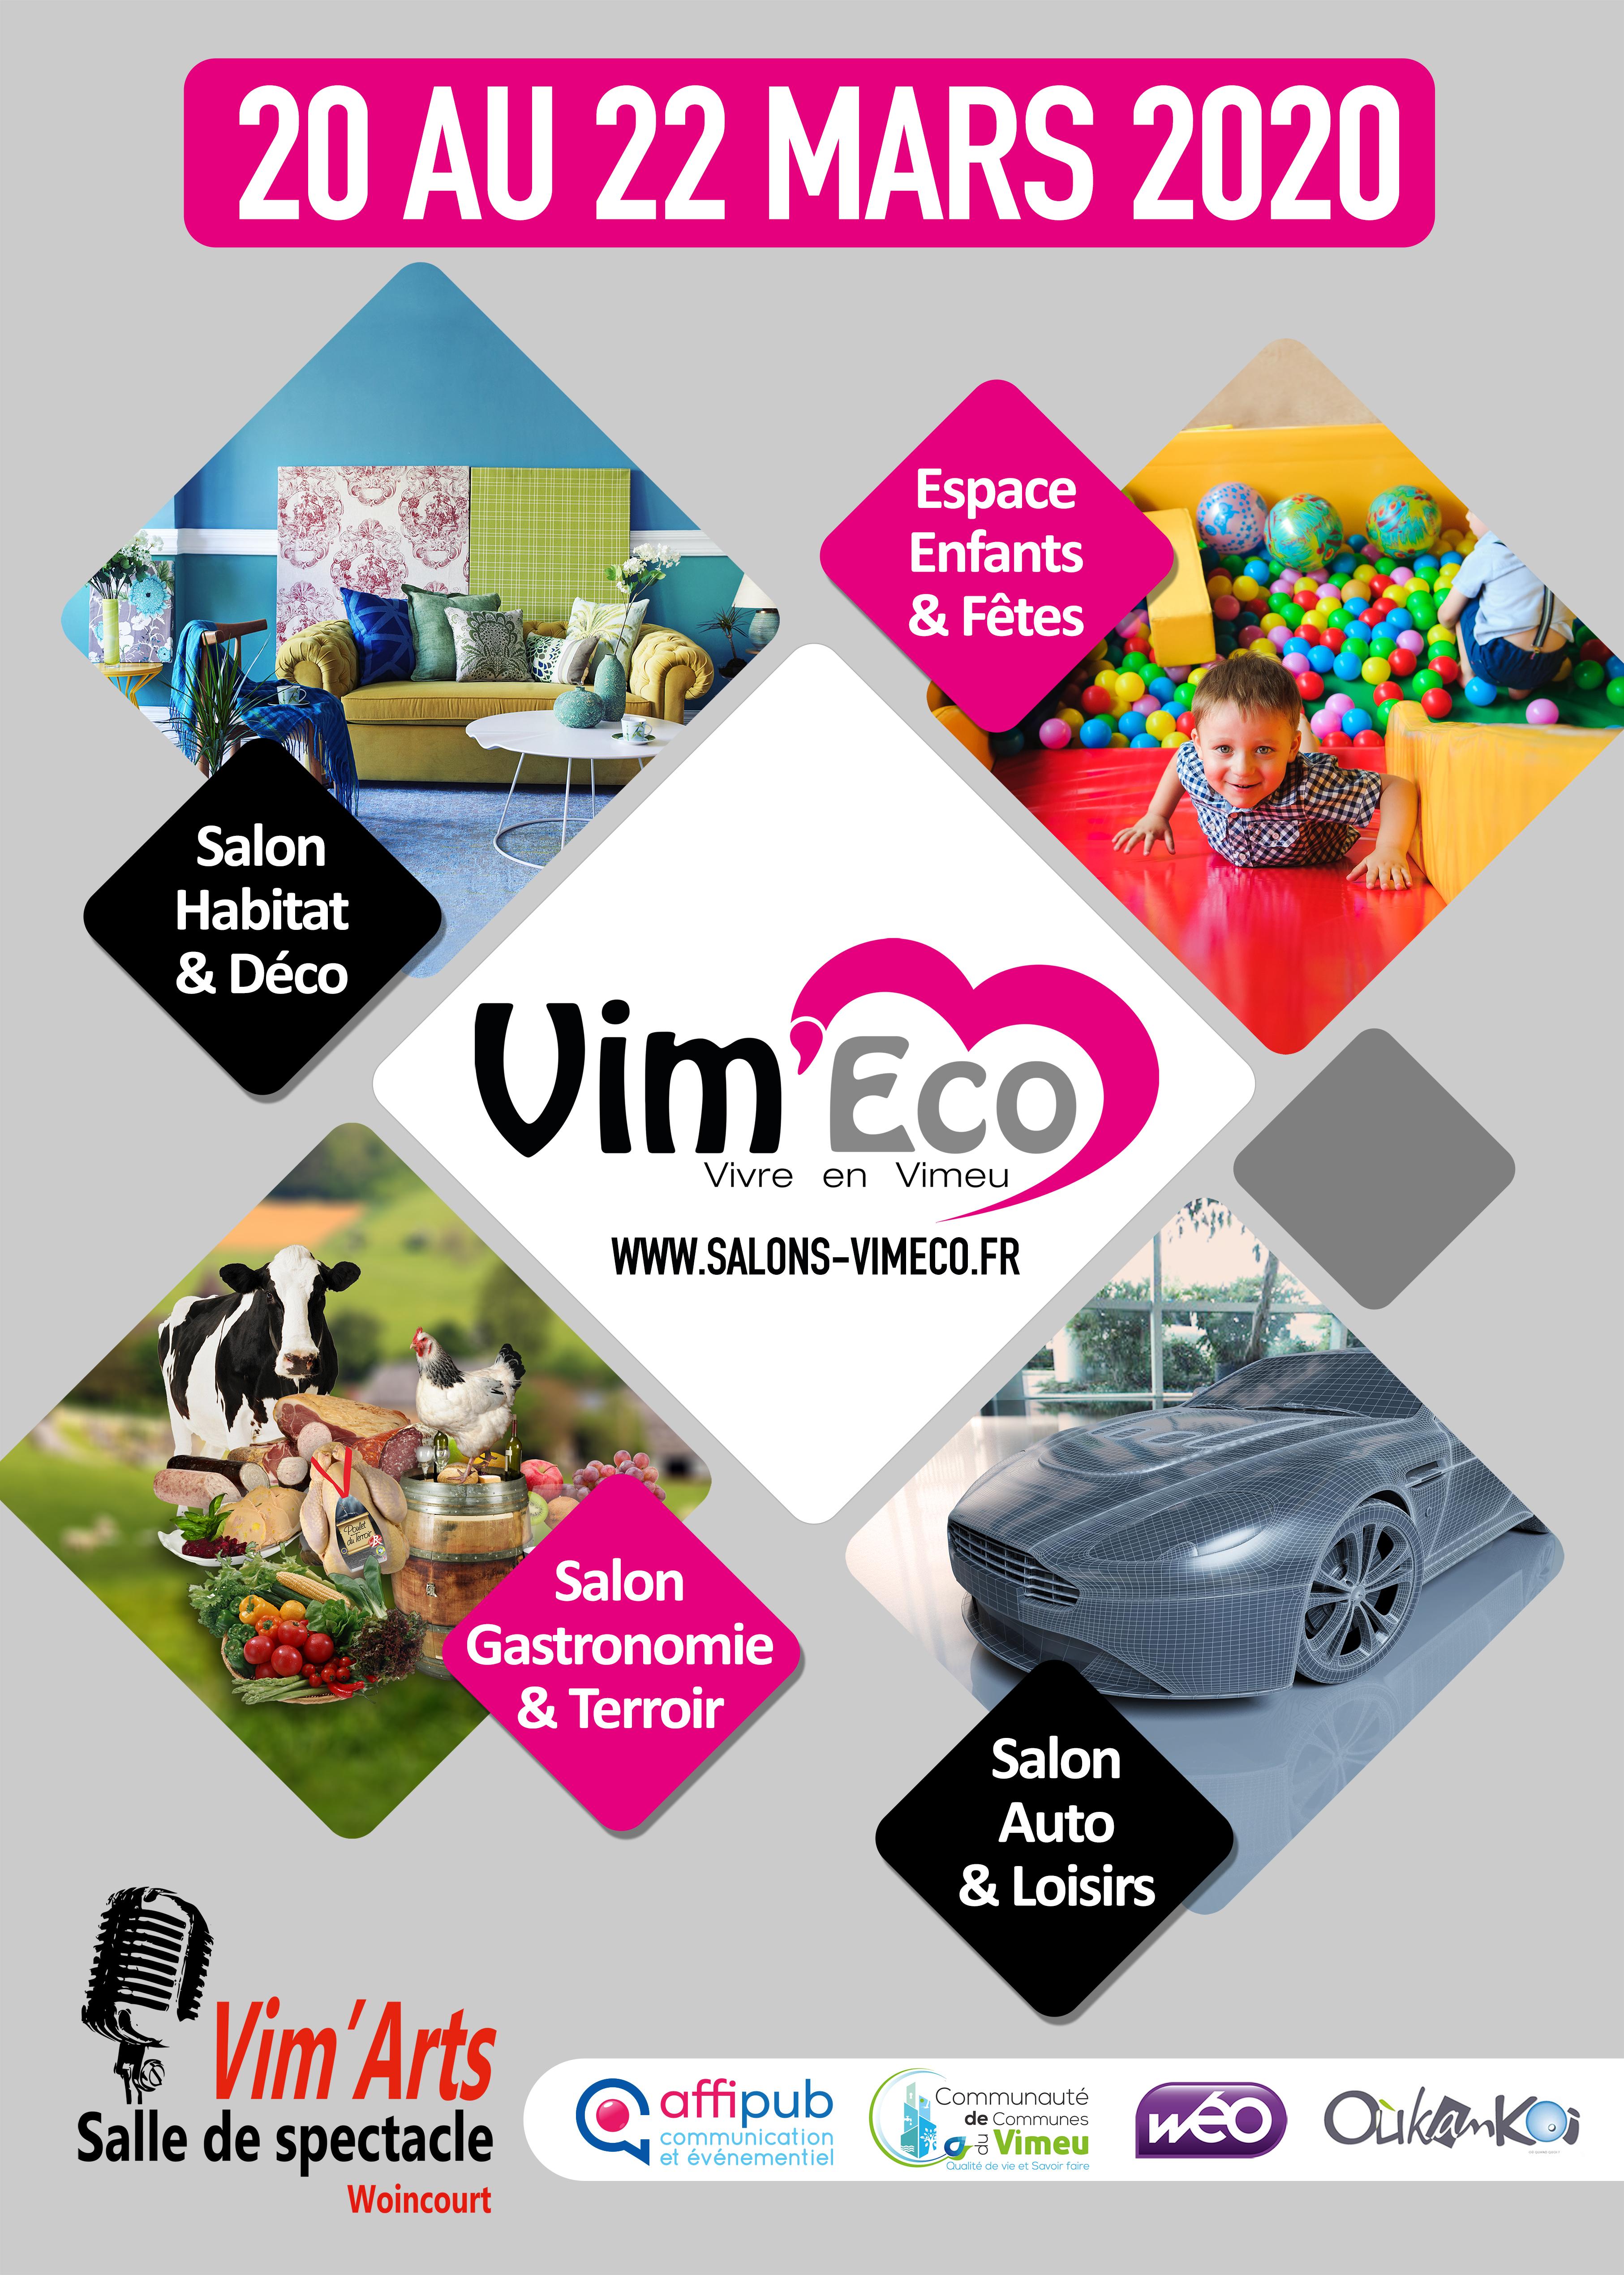 Vim'Eco l'Art de vivre en Vimeu du 20 au 22 mars 2020